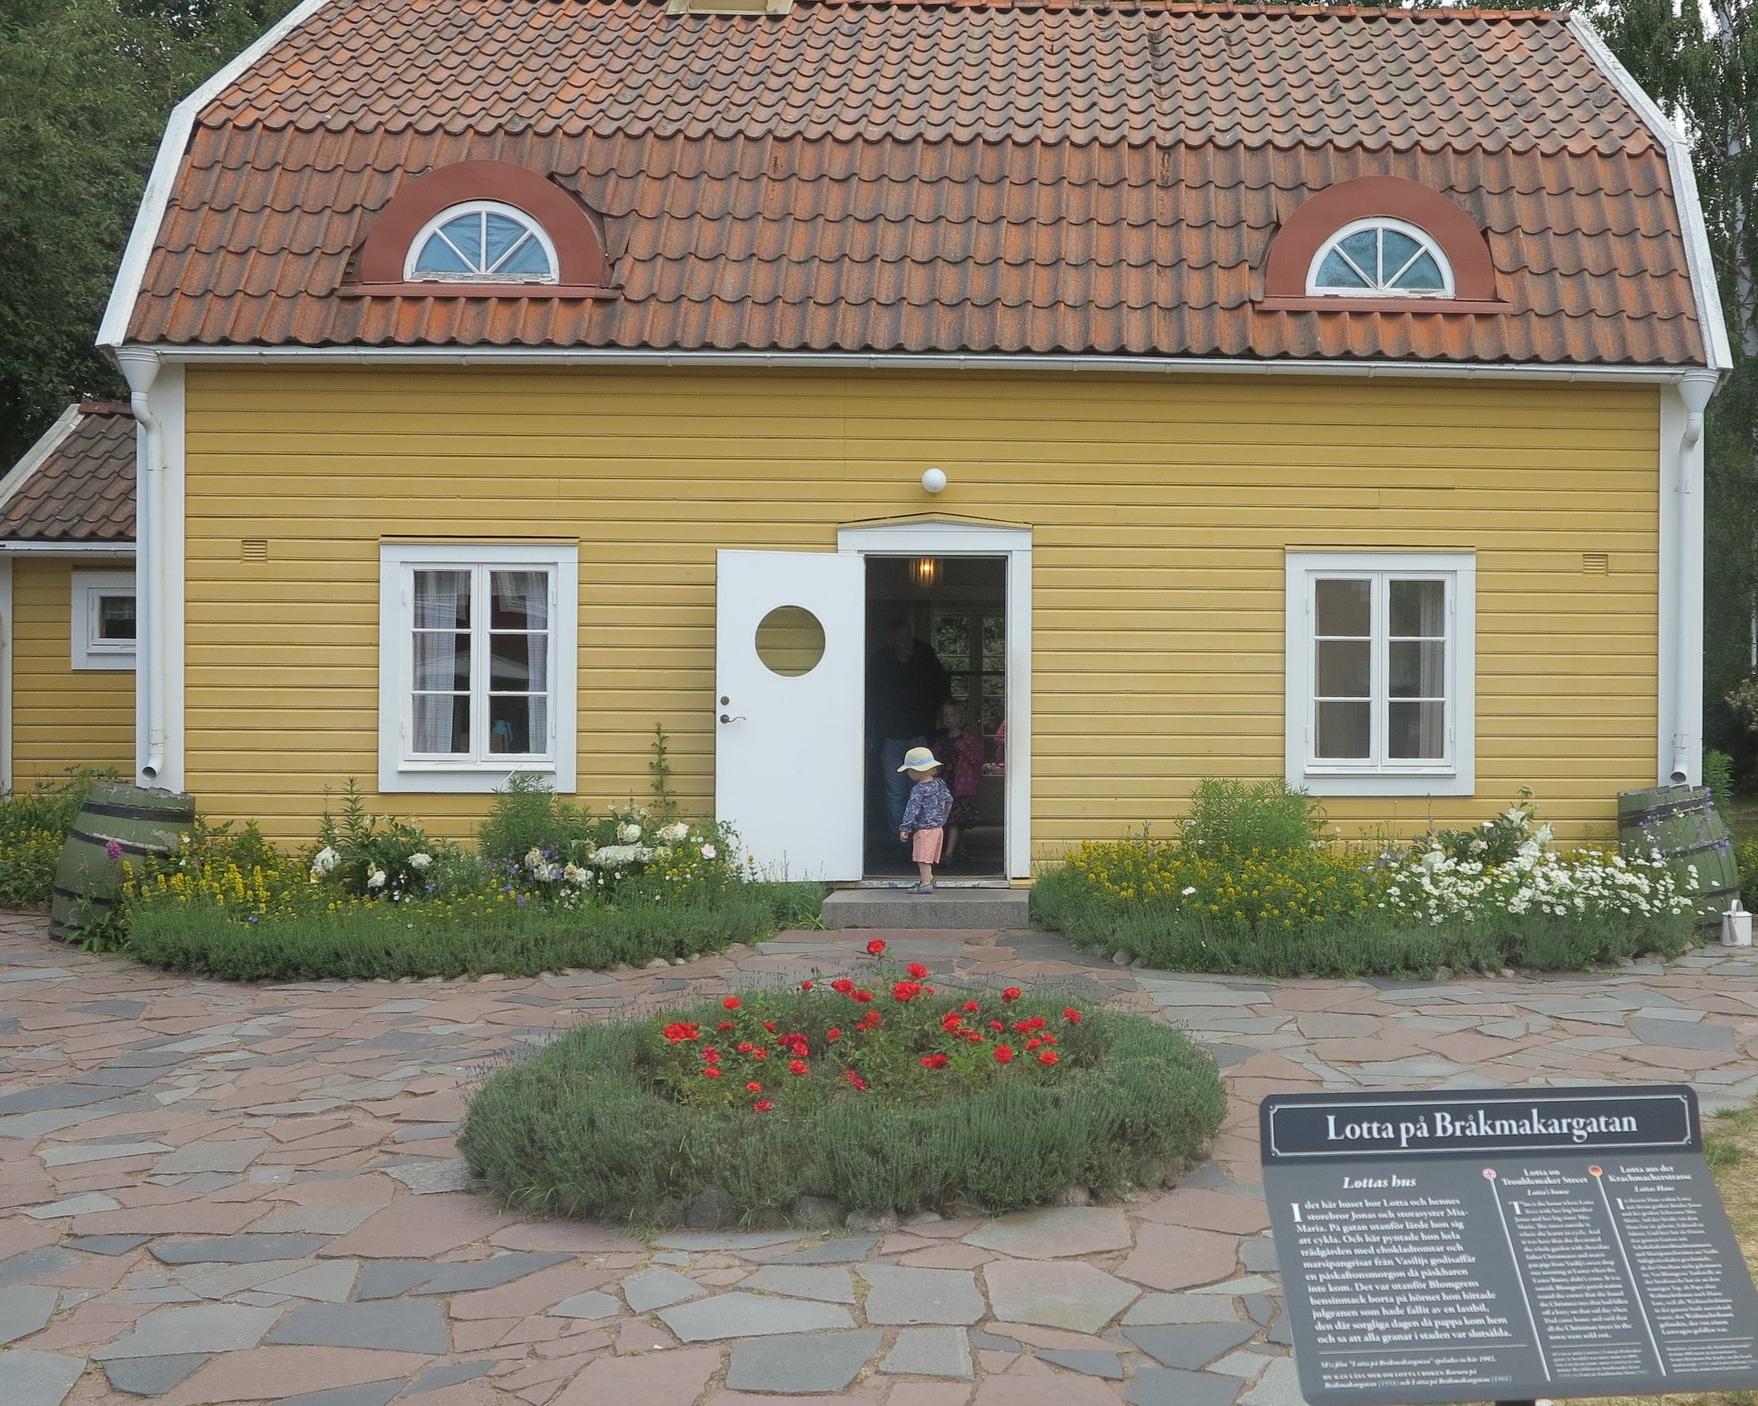 Wie echt: Lottas Haus in der Krachmacherstraße